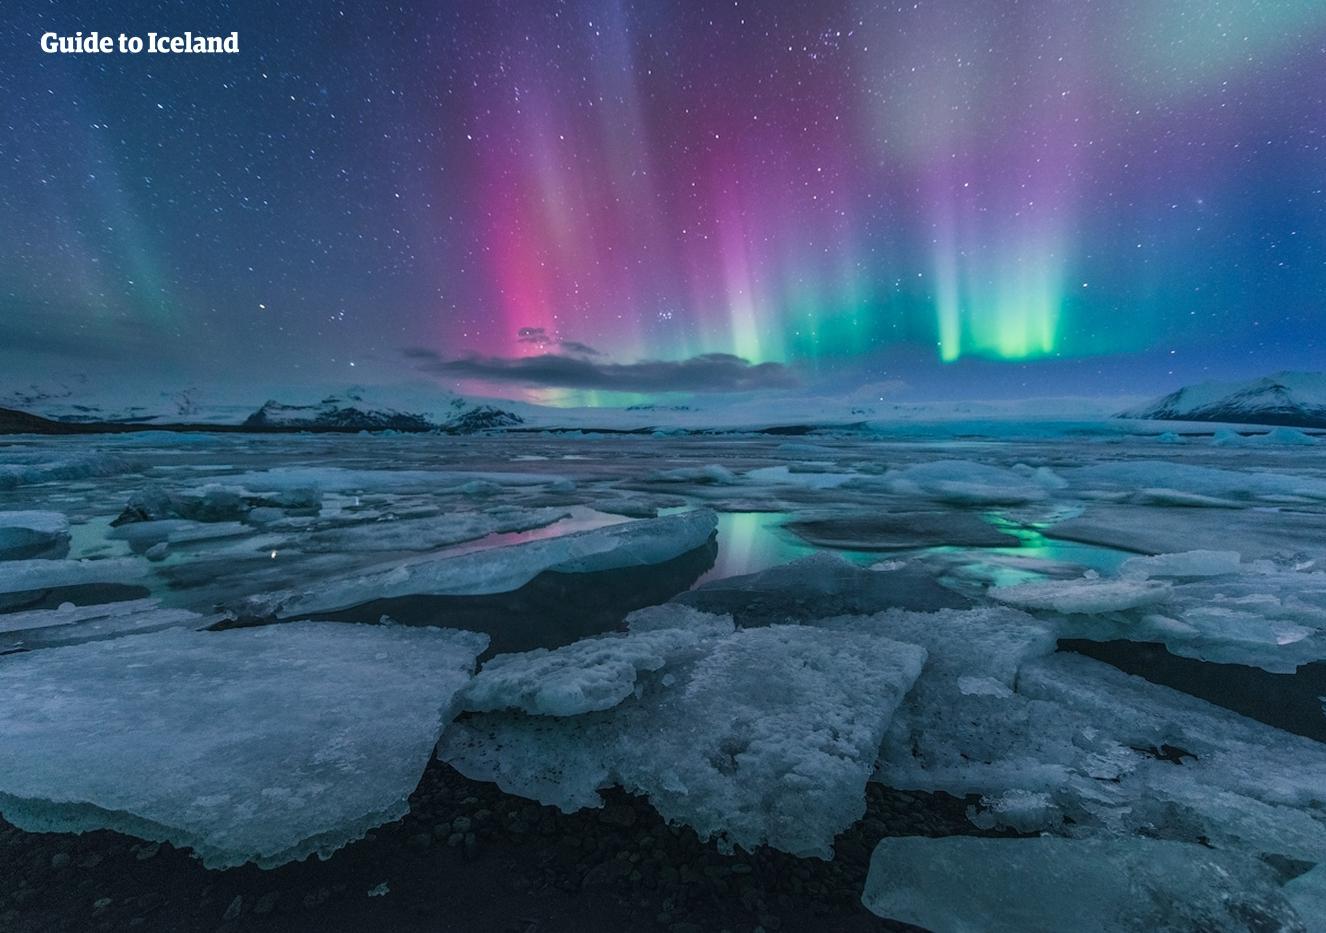 Reflets bleu et rose d'aurores boréales à la surface calme et azurée de la lagune glaciaire de Jökulsárlón.